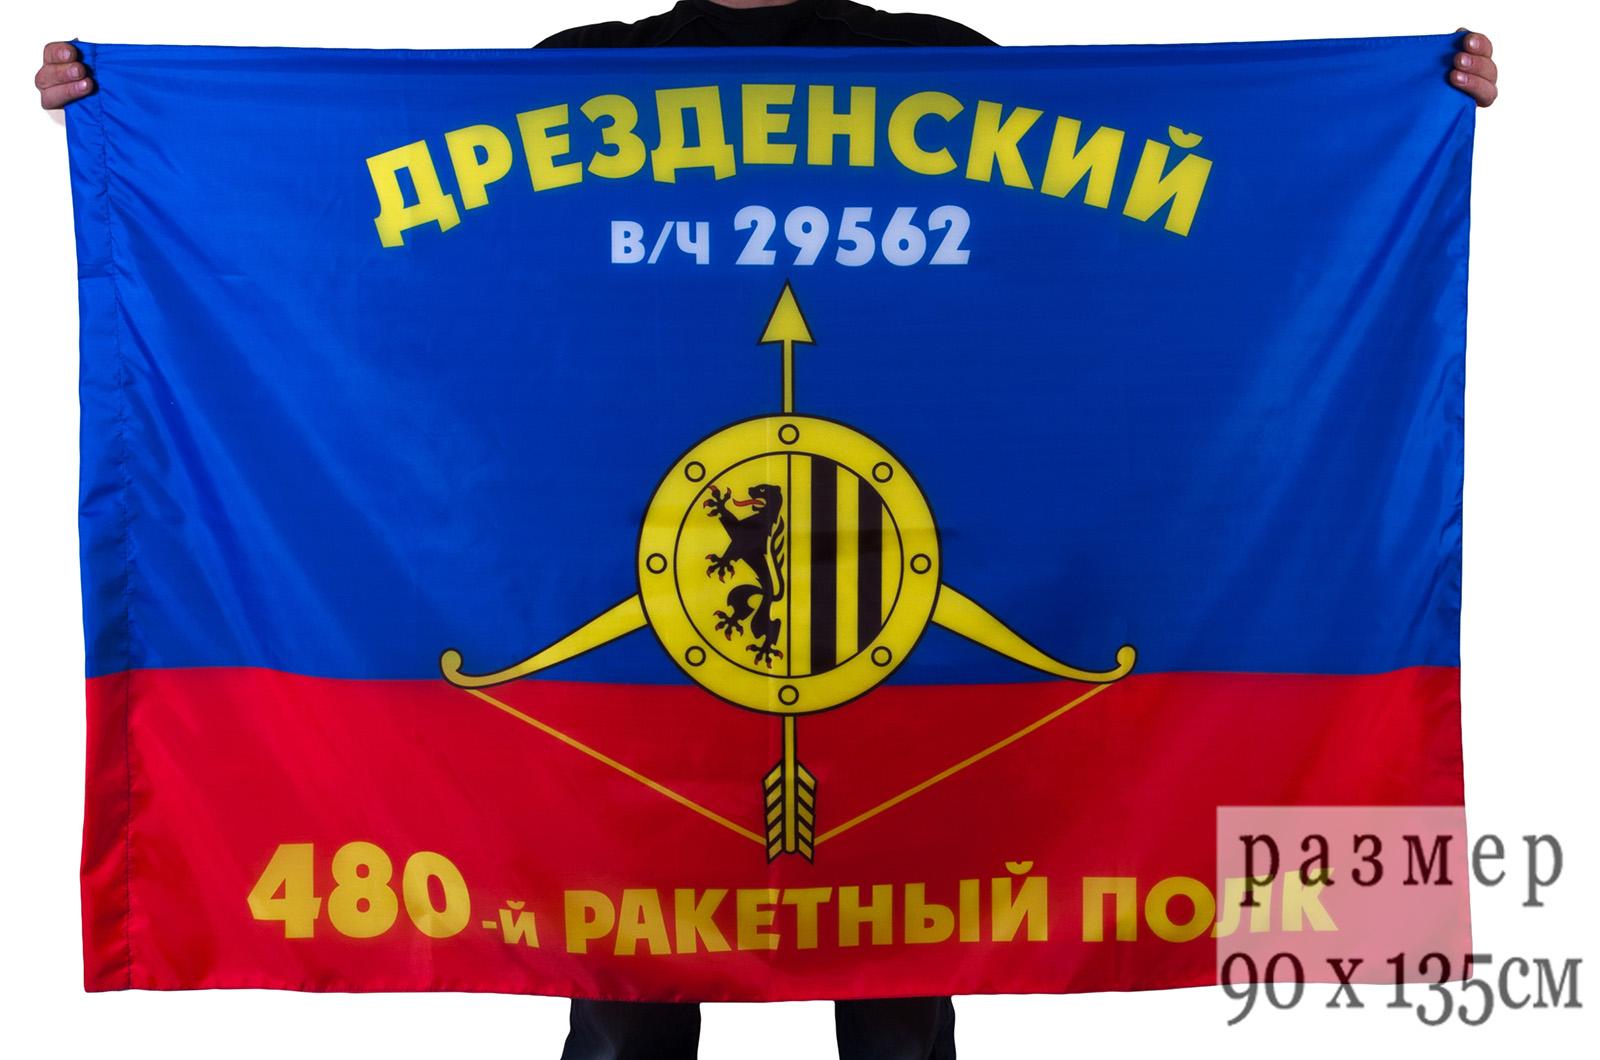 """Флаг РВСН """"480-й Дрезденский ракетный полк в/ч 29562"""""""